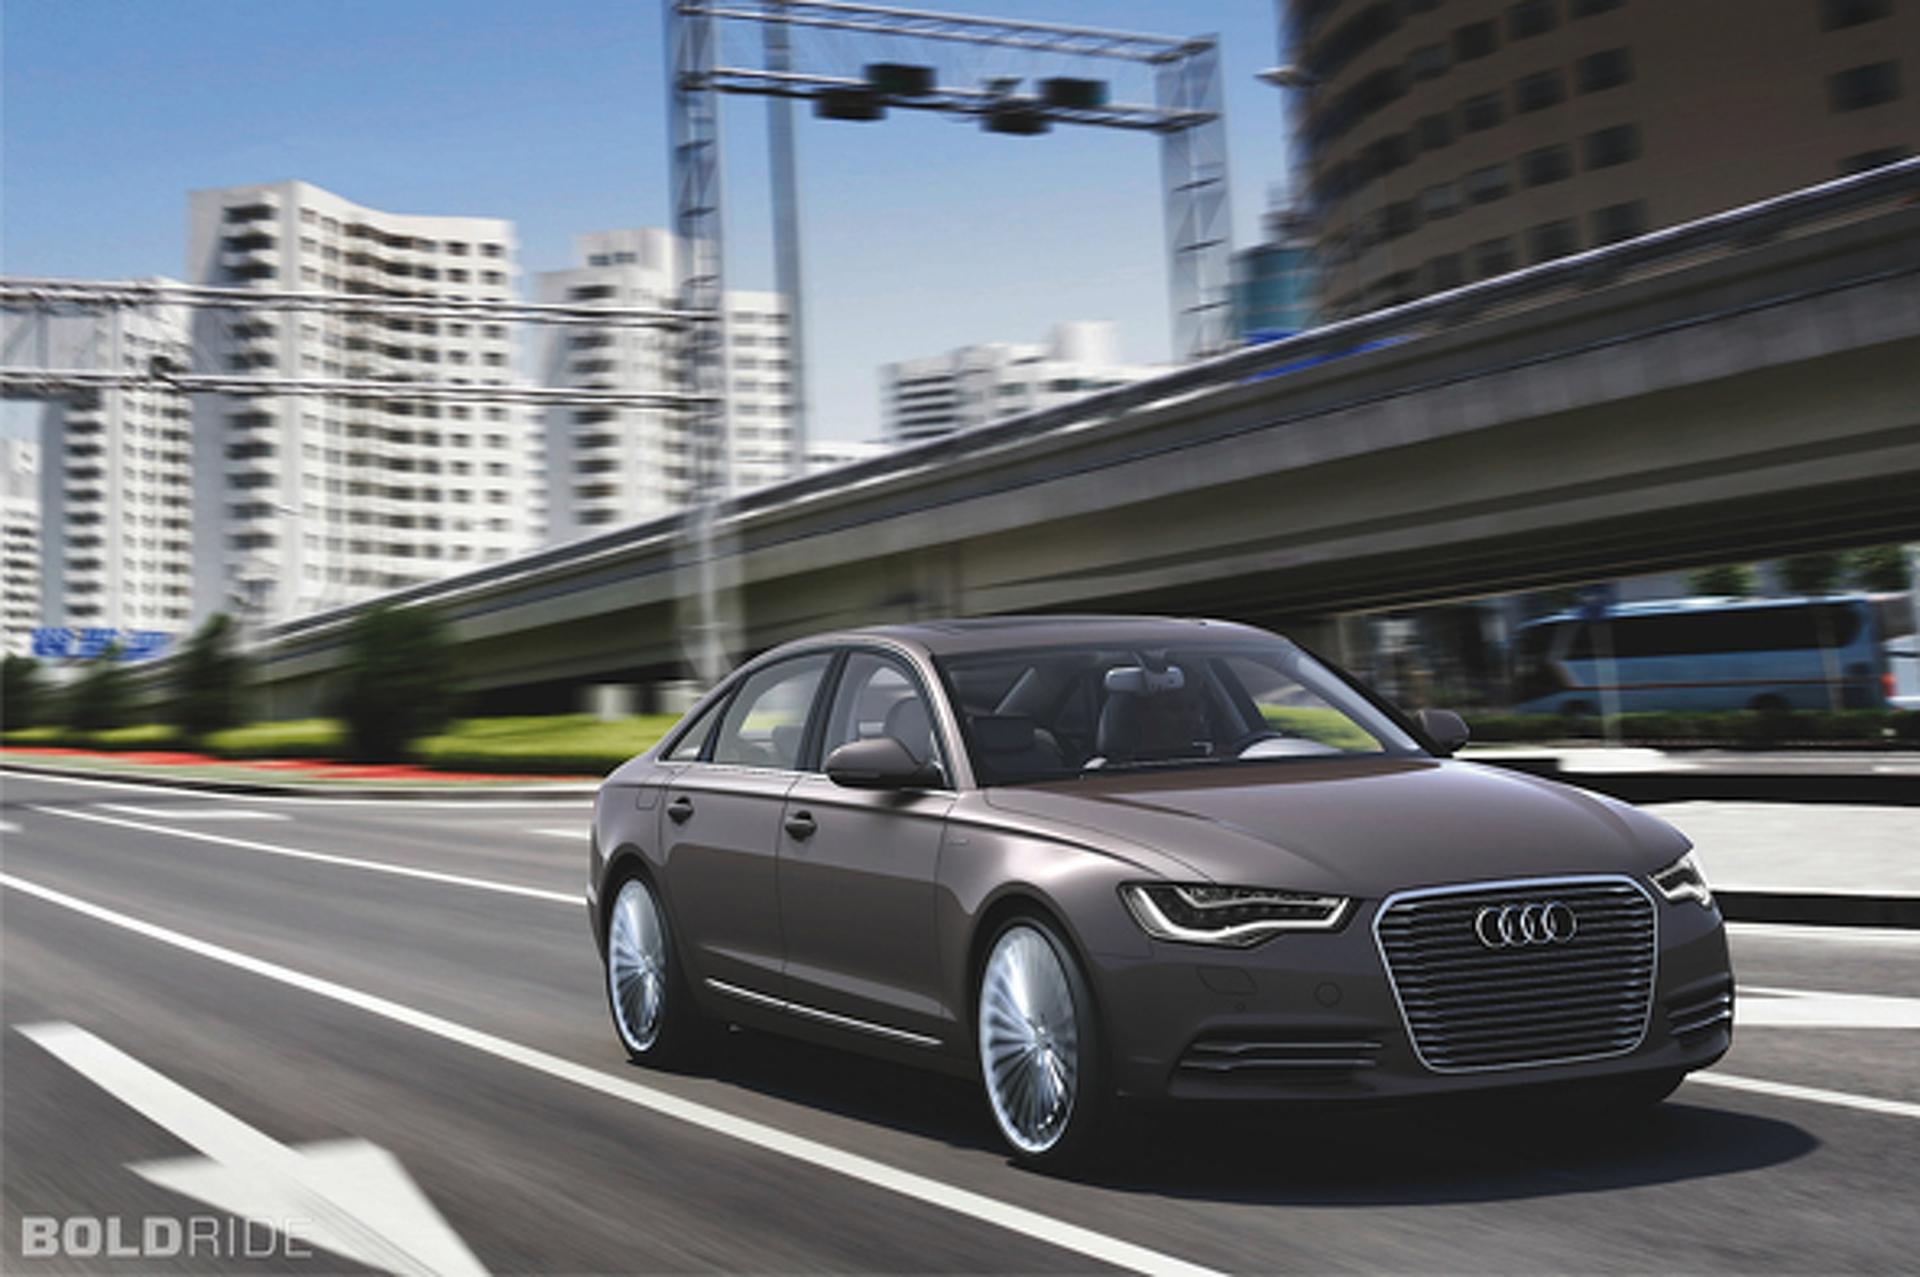 Unveiled: 2012 Audi A6 L e-tron Concept